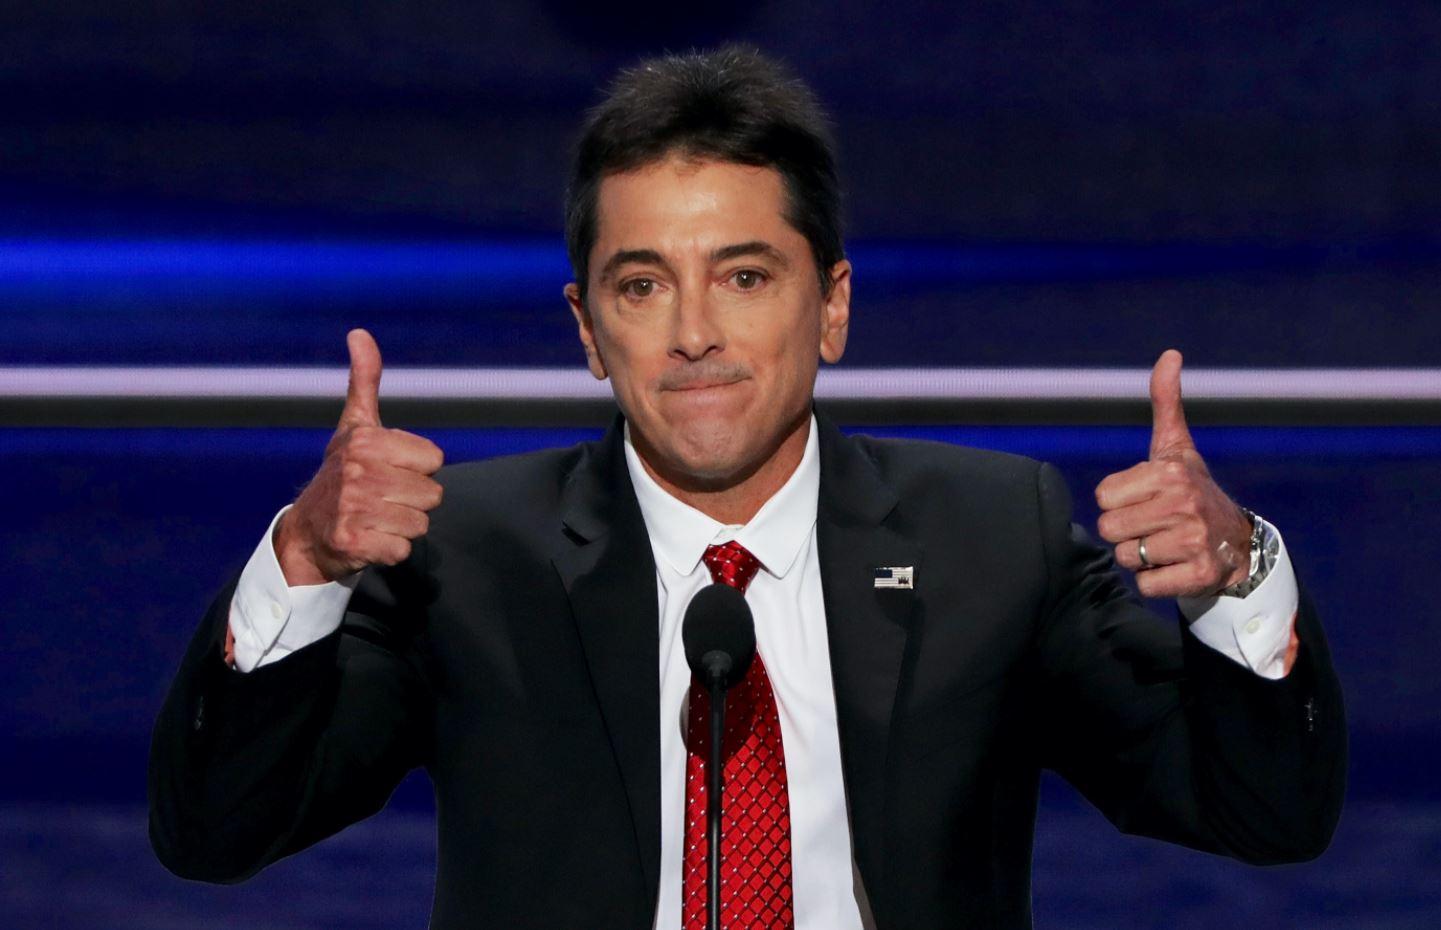 圖為2016年7月18日,美國演員和電視導演史考特·白歐(Scott Baio)在共和黨全國大會第一天的演講中豎起兩個大拇指。(Alex Wong/Getty Images)